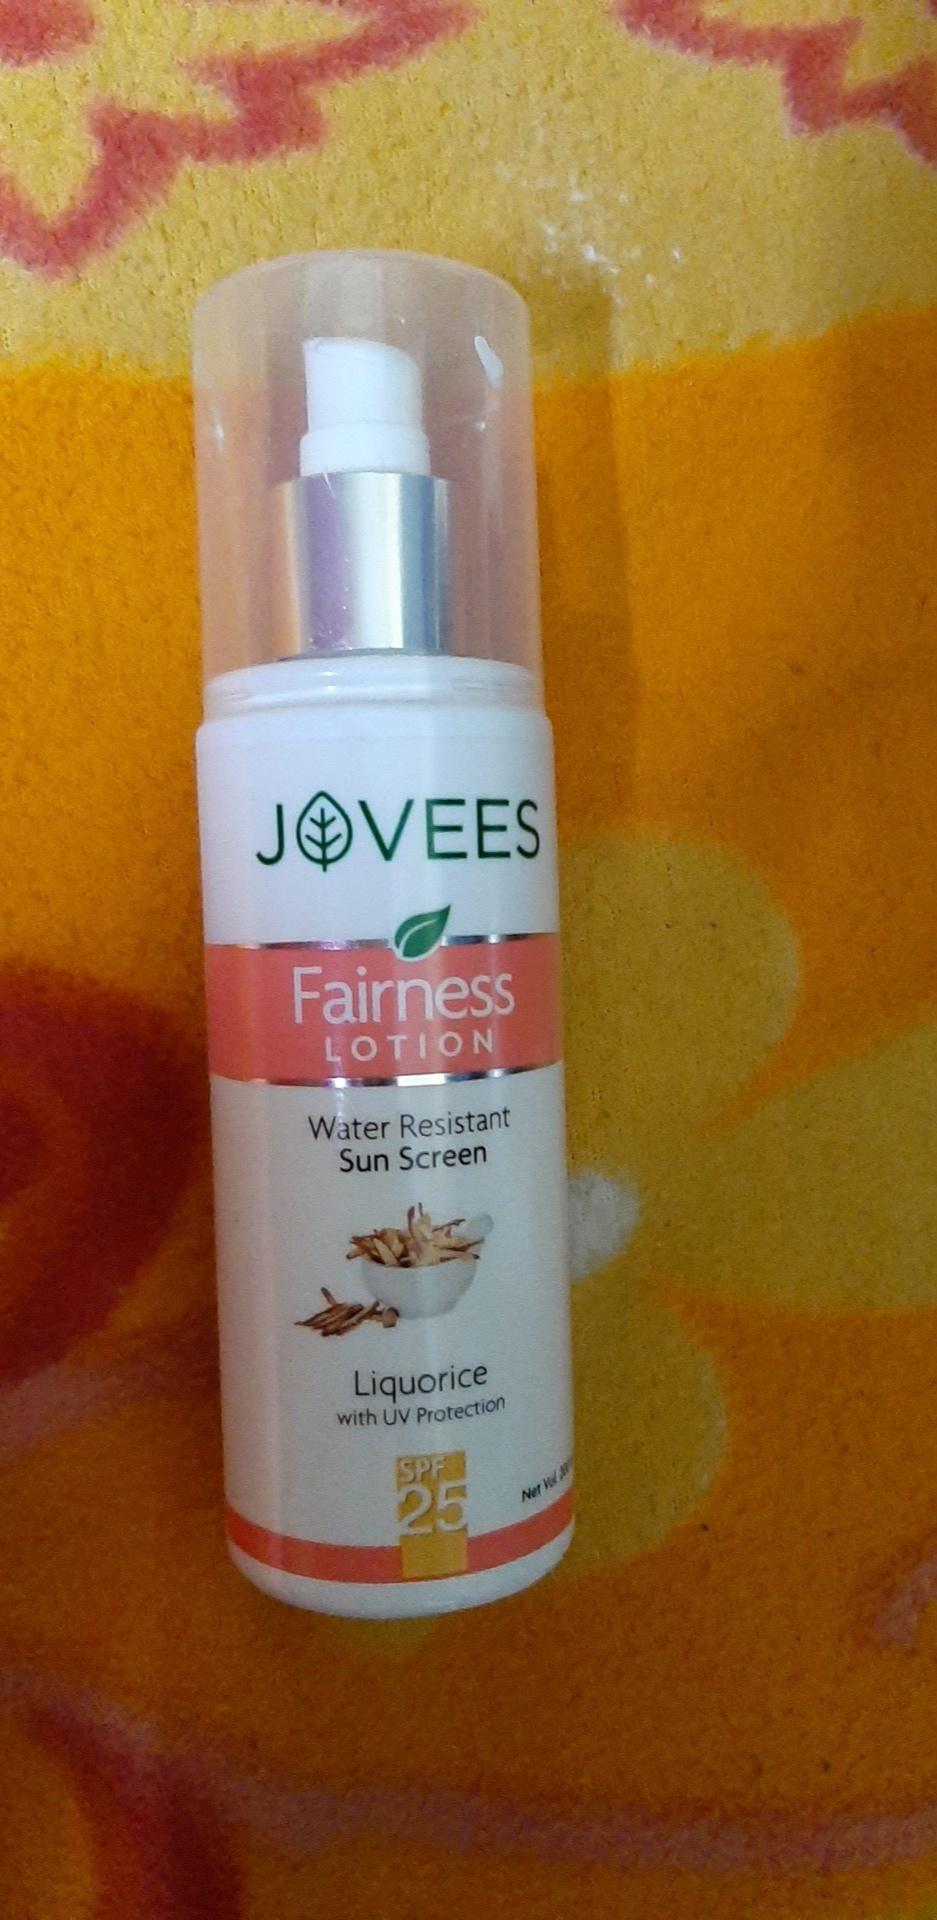 Jovees Water Resistant Sunscreen Fairness Lotion -Jovees fairness lotion-By simranwalia29